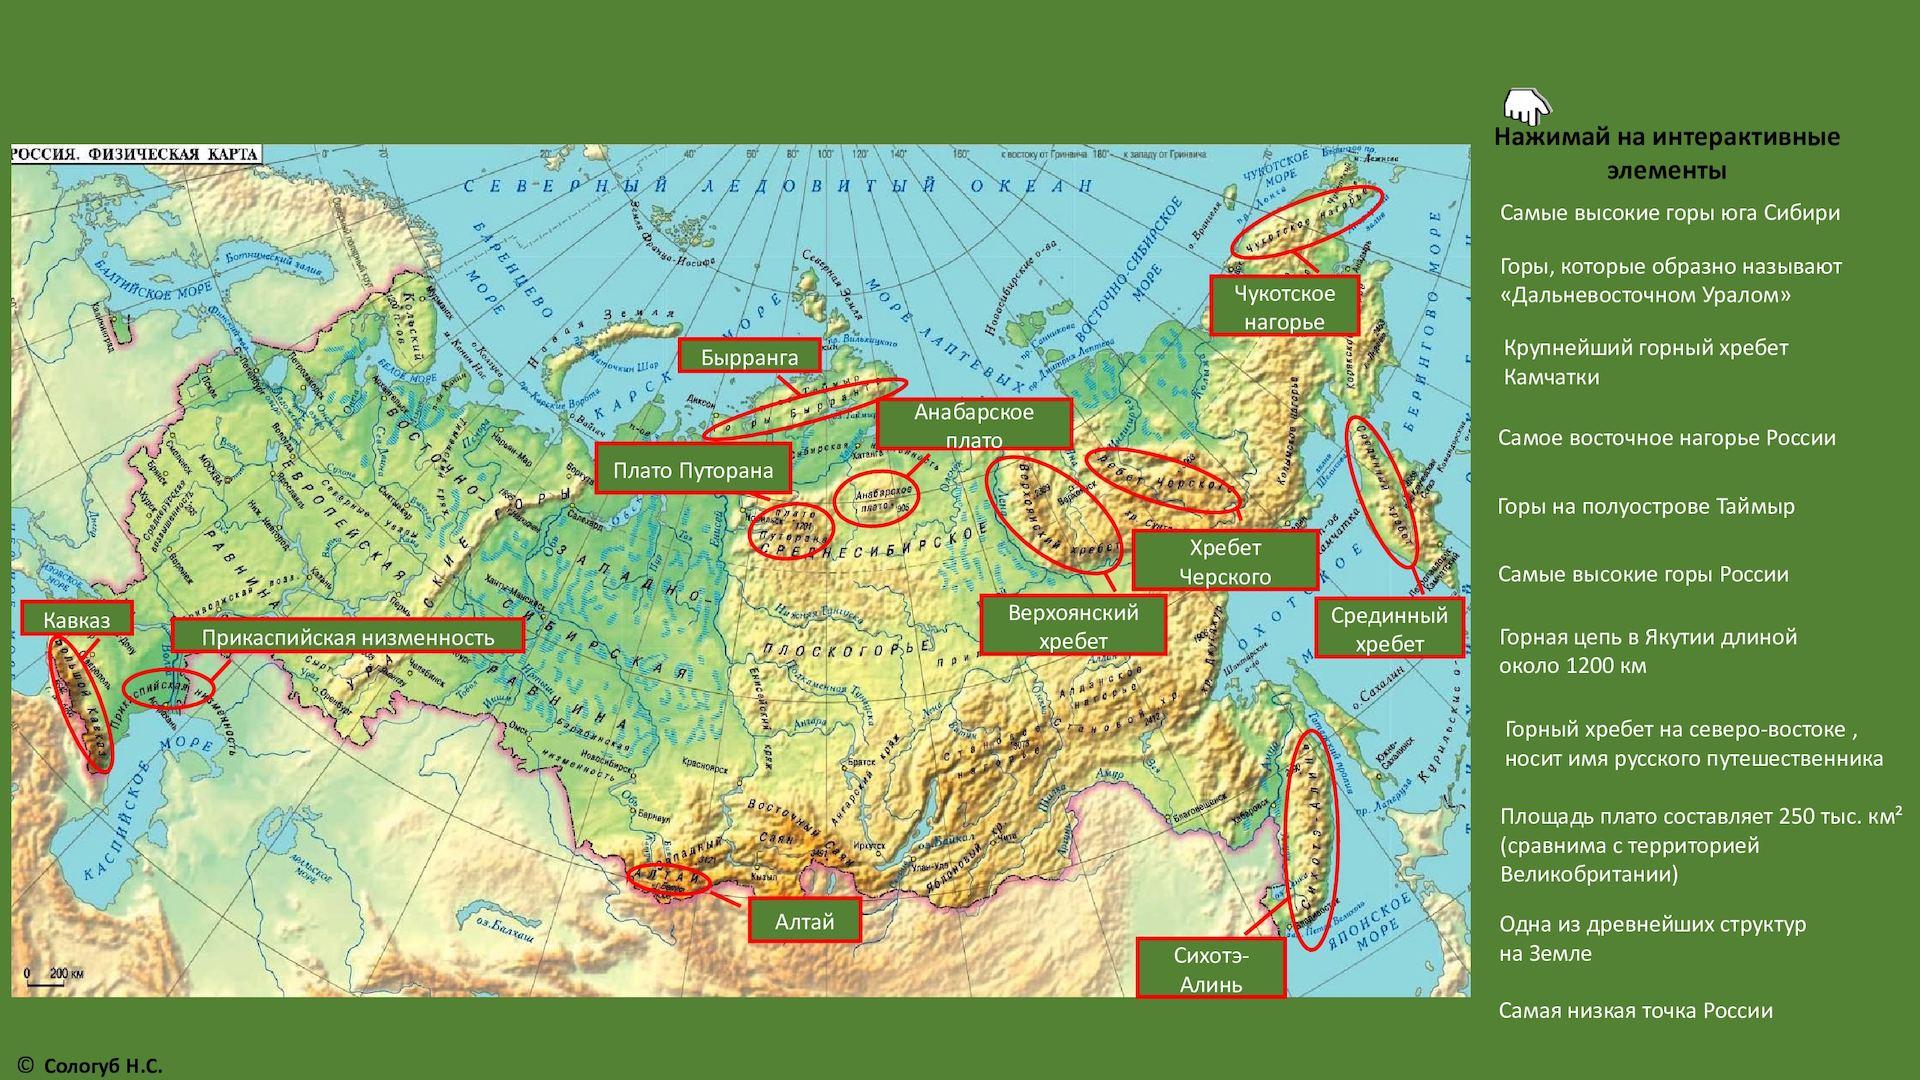 это равнины россии на контурной карте месте выполнения путевых